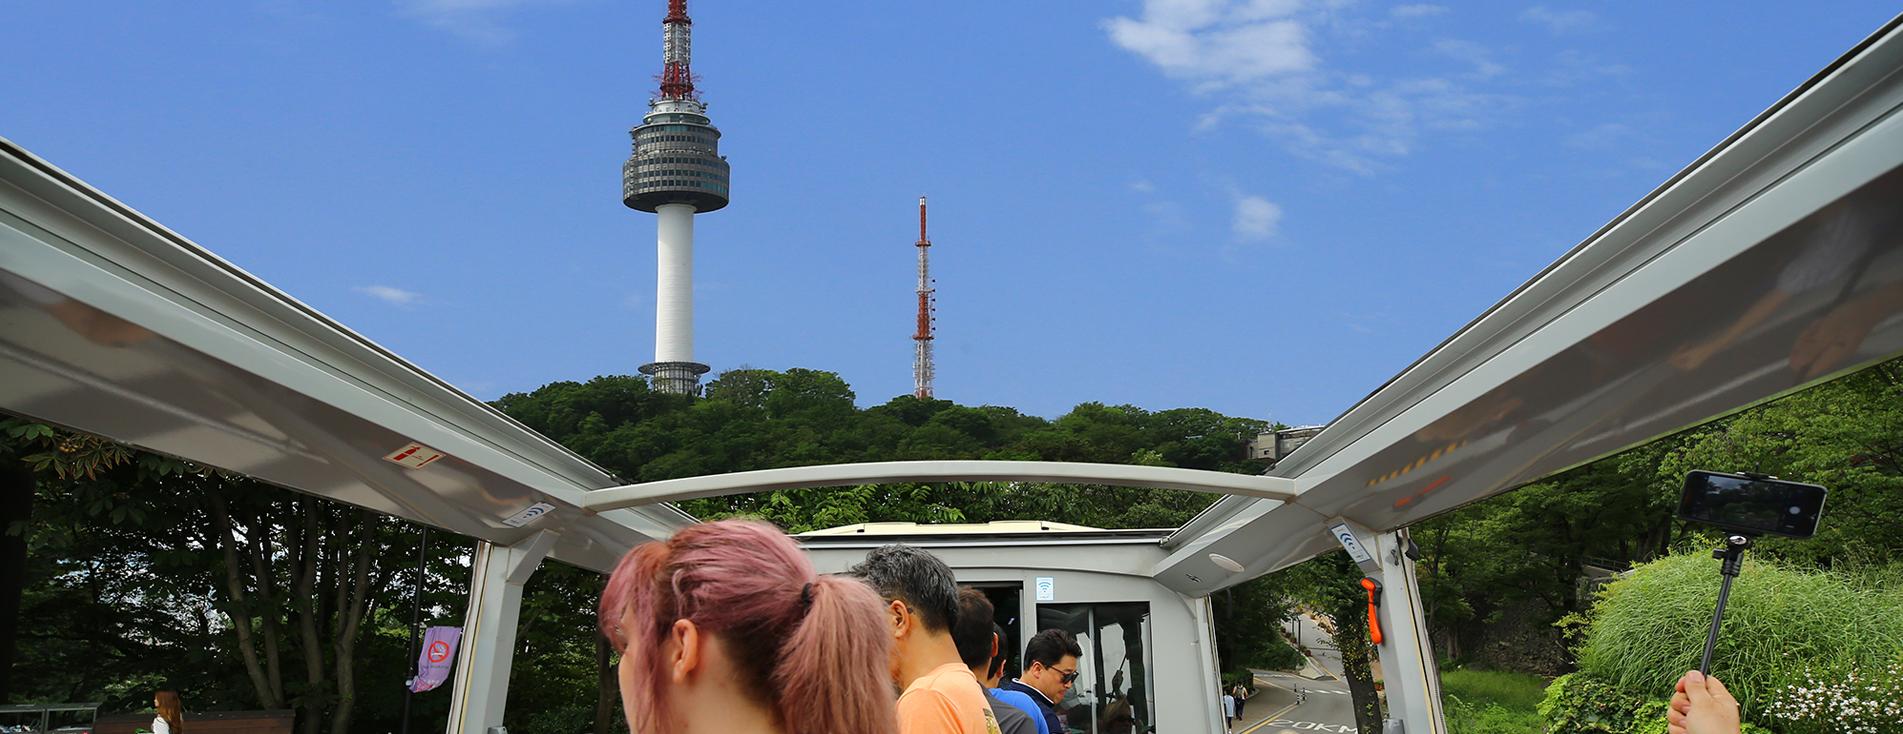 서울 시티투어